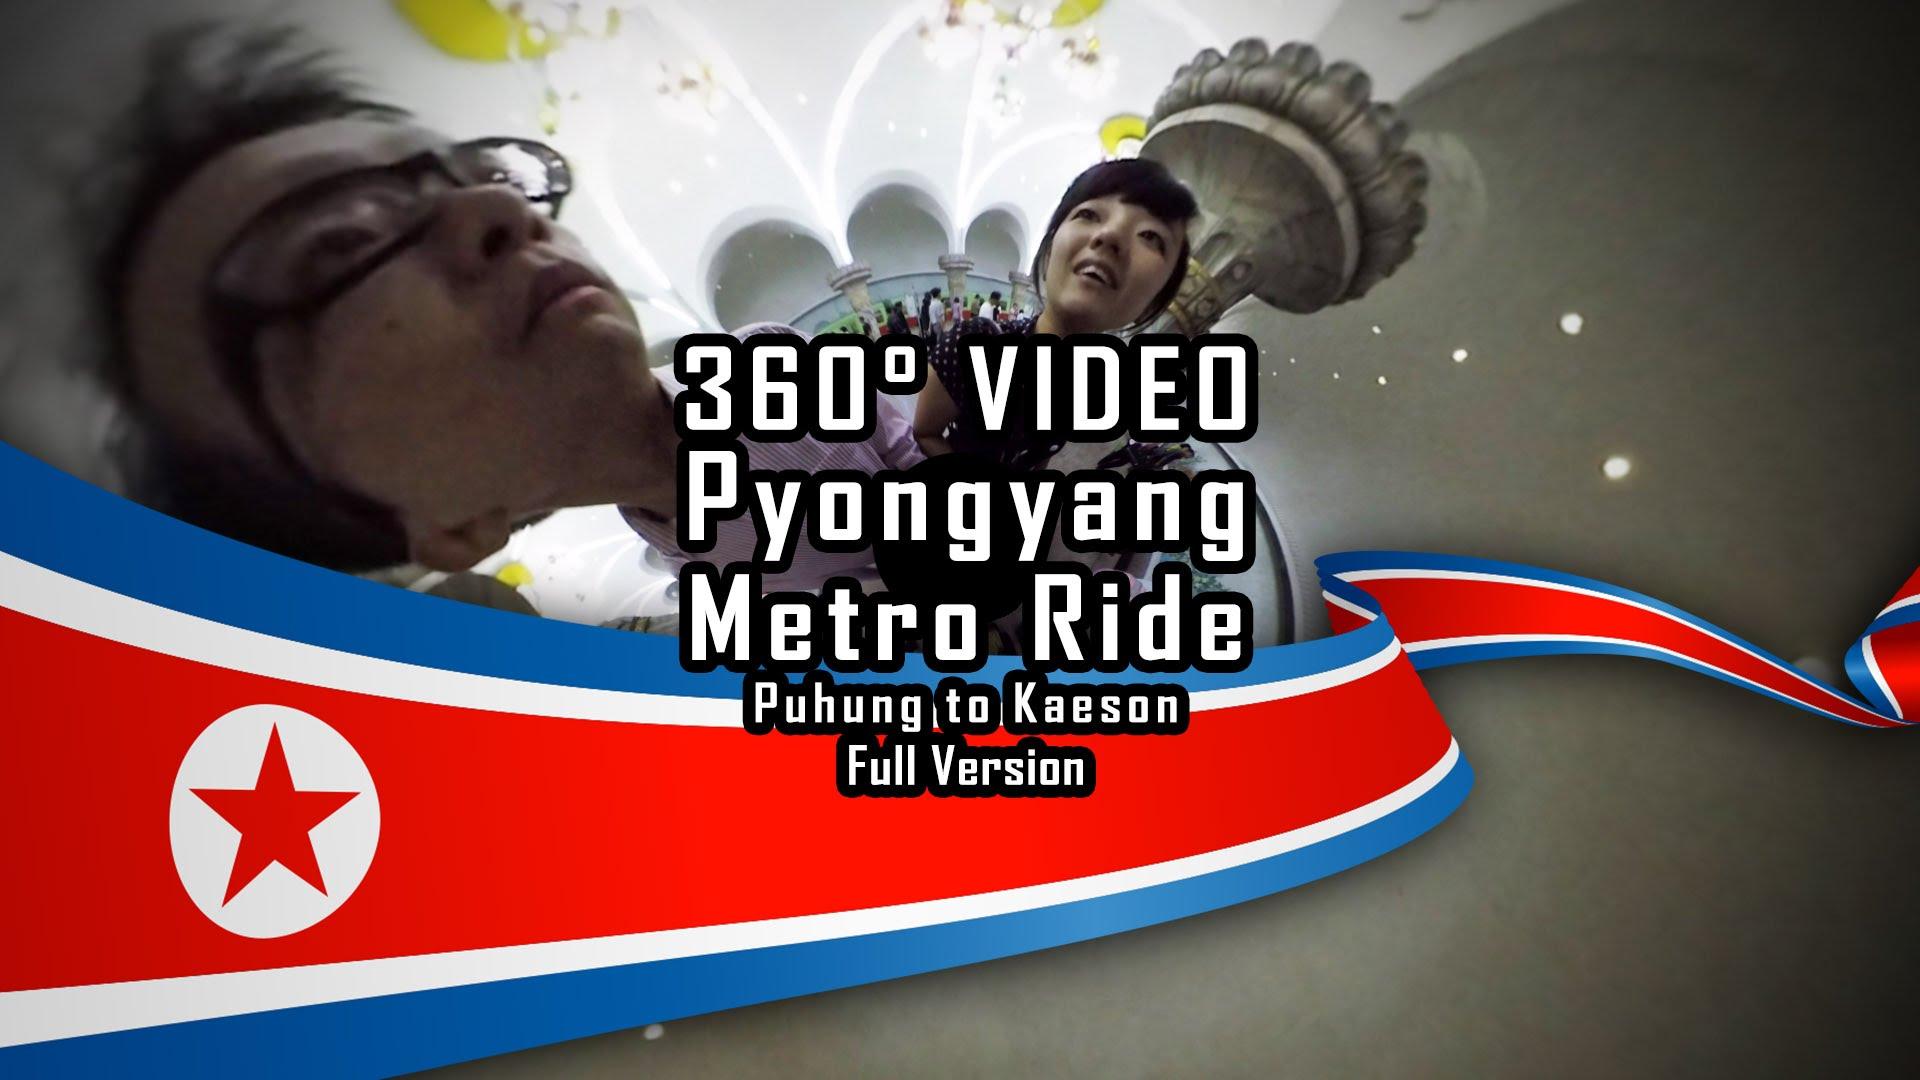 Pyongyang Metro Ride Tour